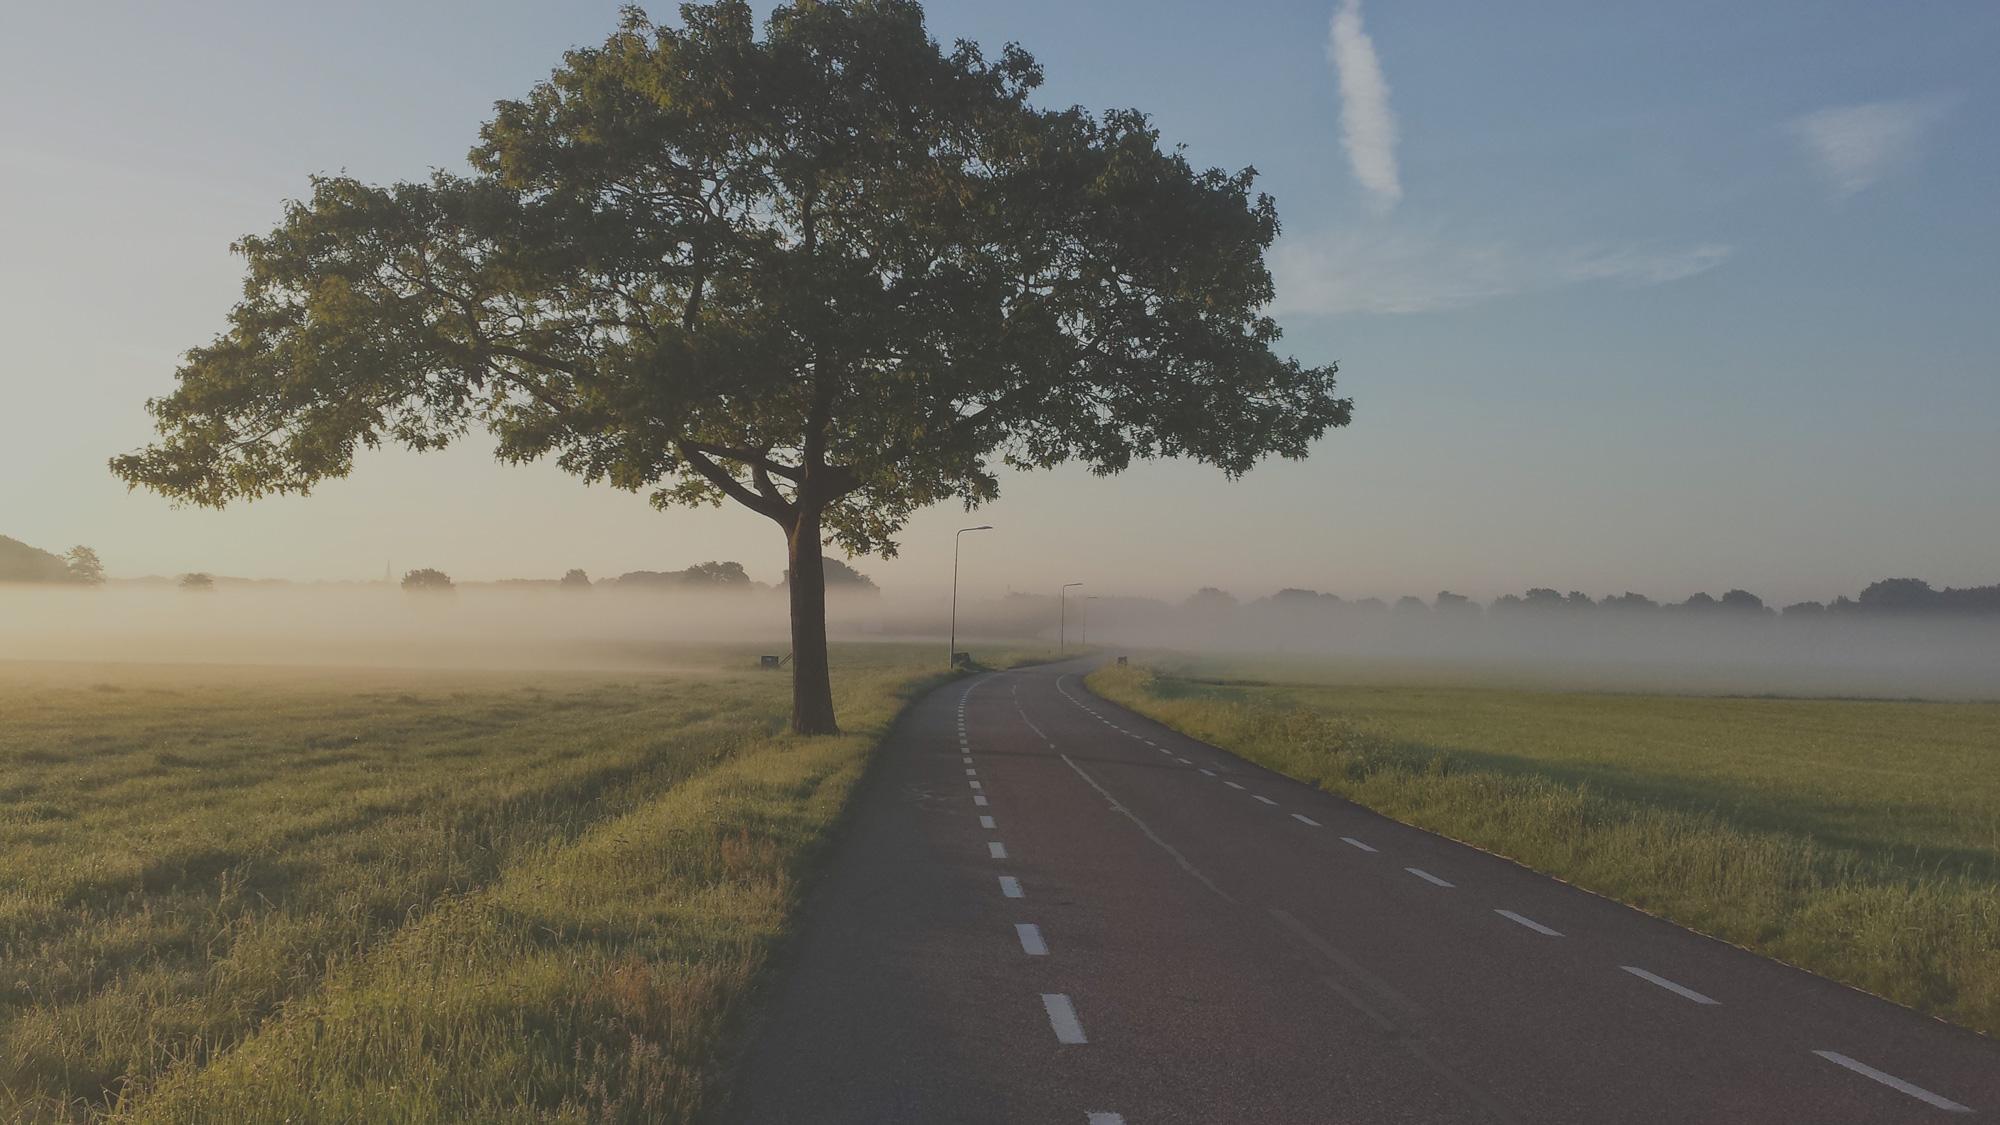 default image for Auto Klein Gunnewiek-Lichtenvoorde